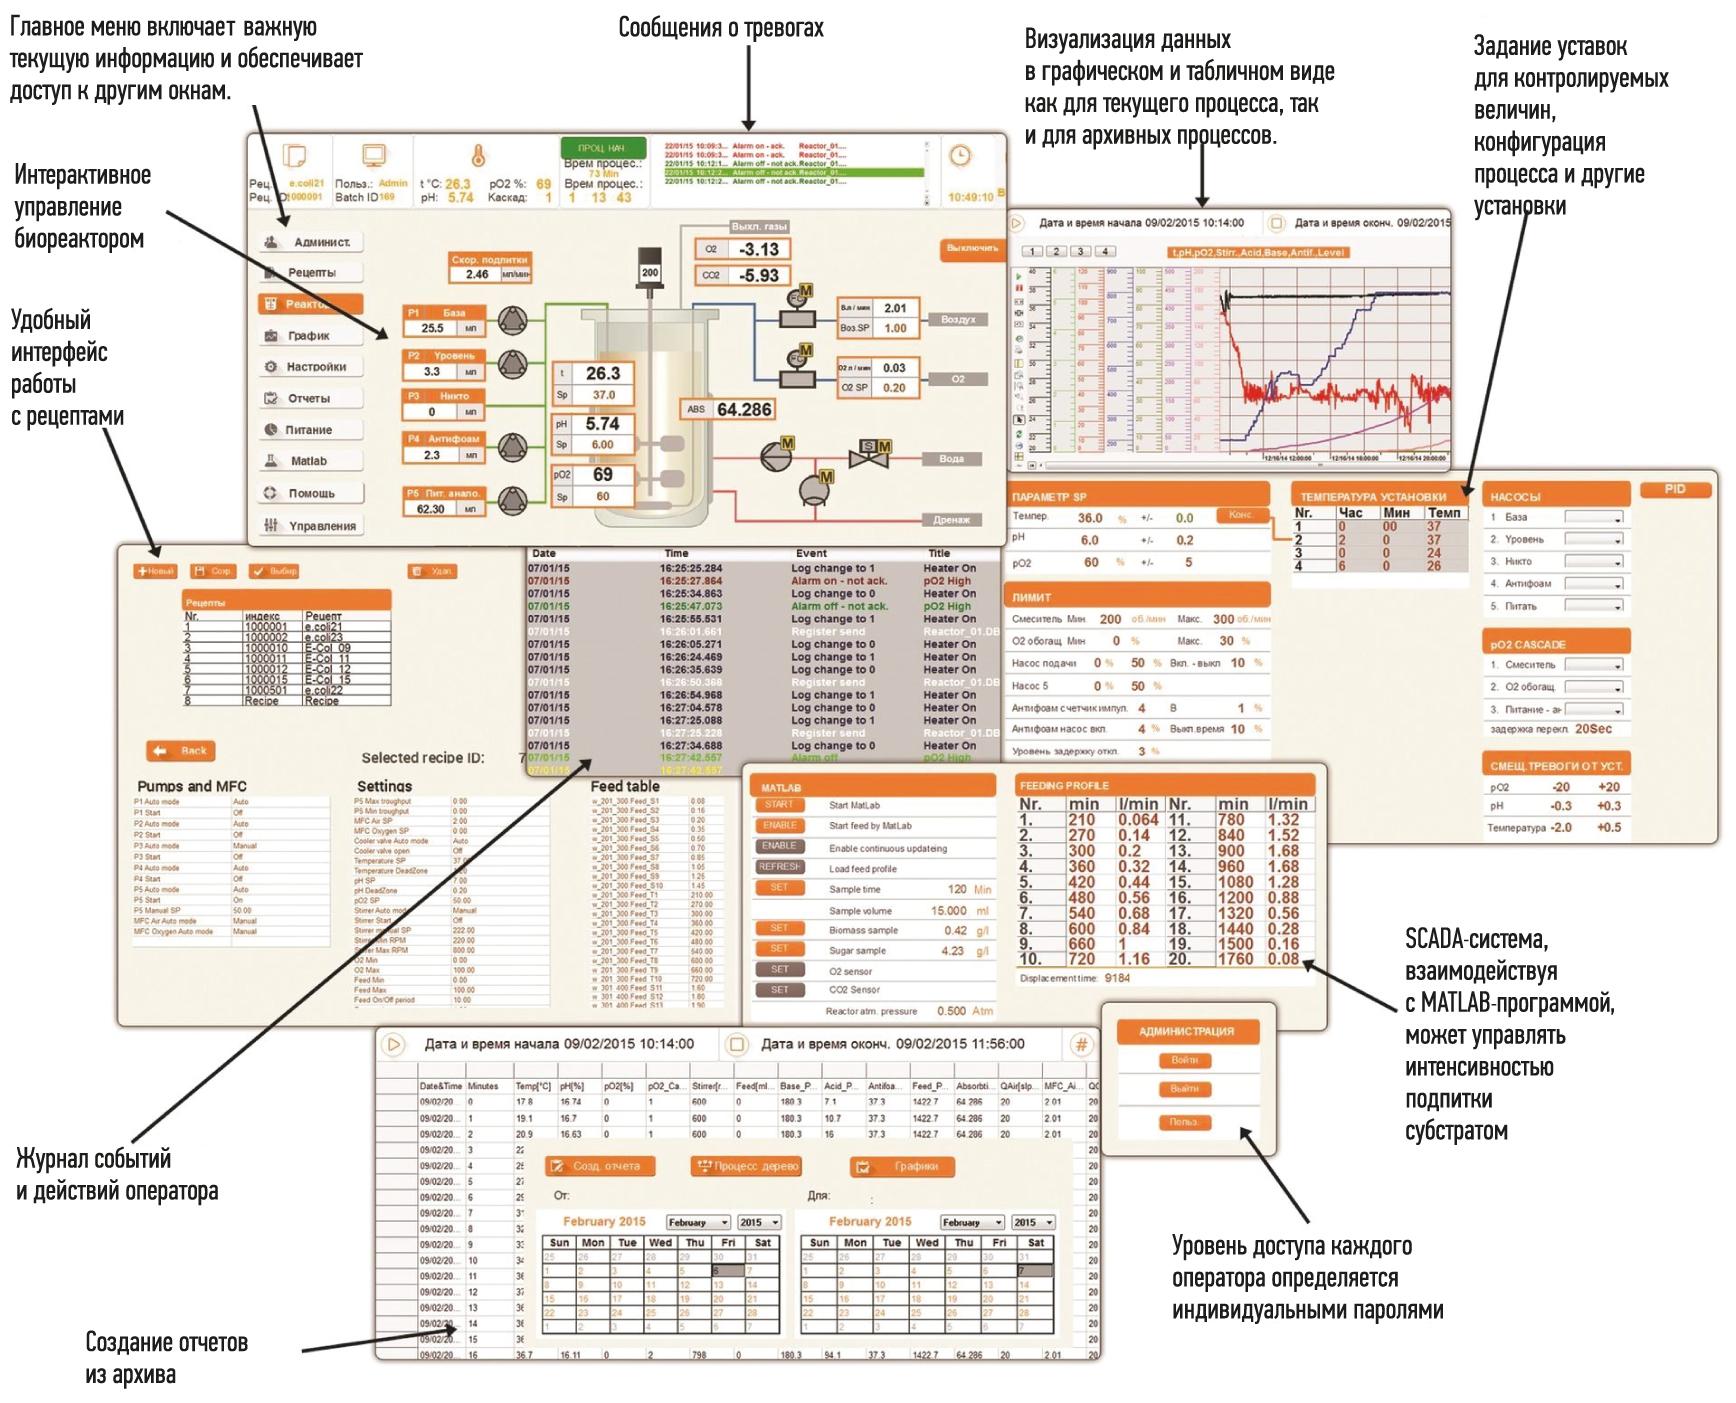 Пакет BioRe на базе PcVue для управления и контроля процессов в ферментерах и биореакторах